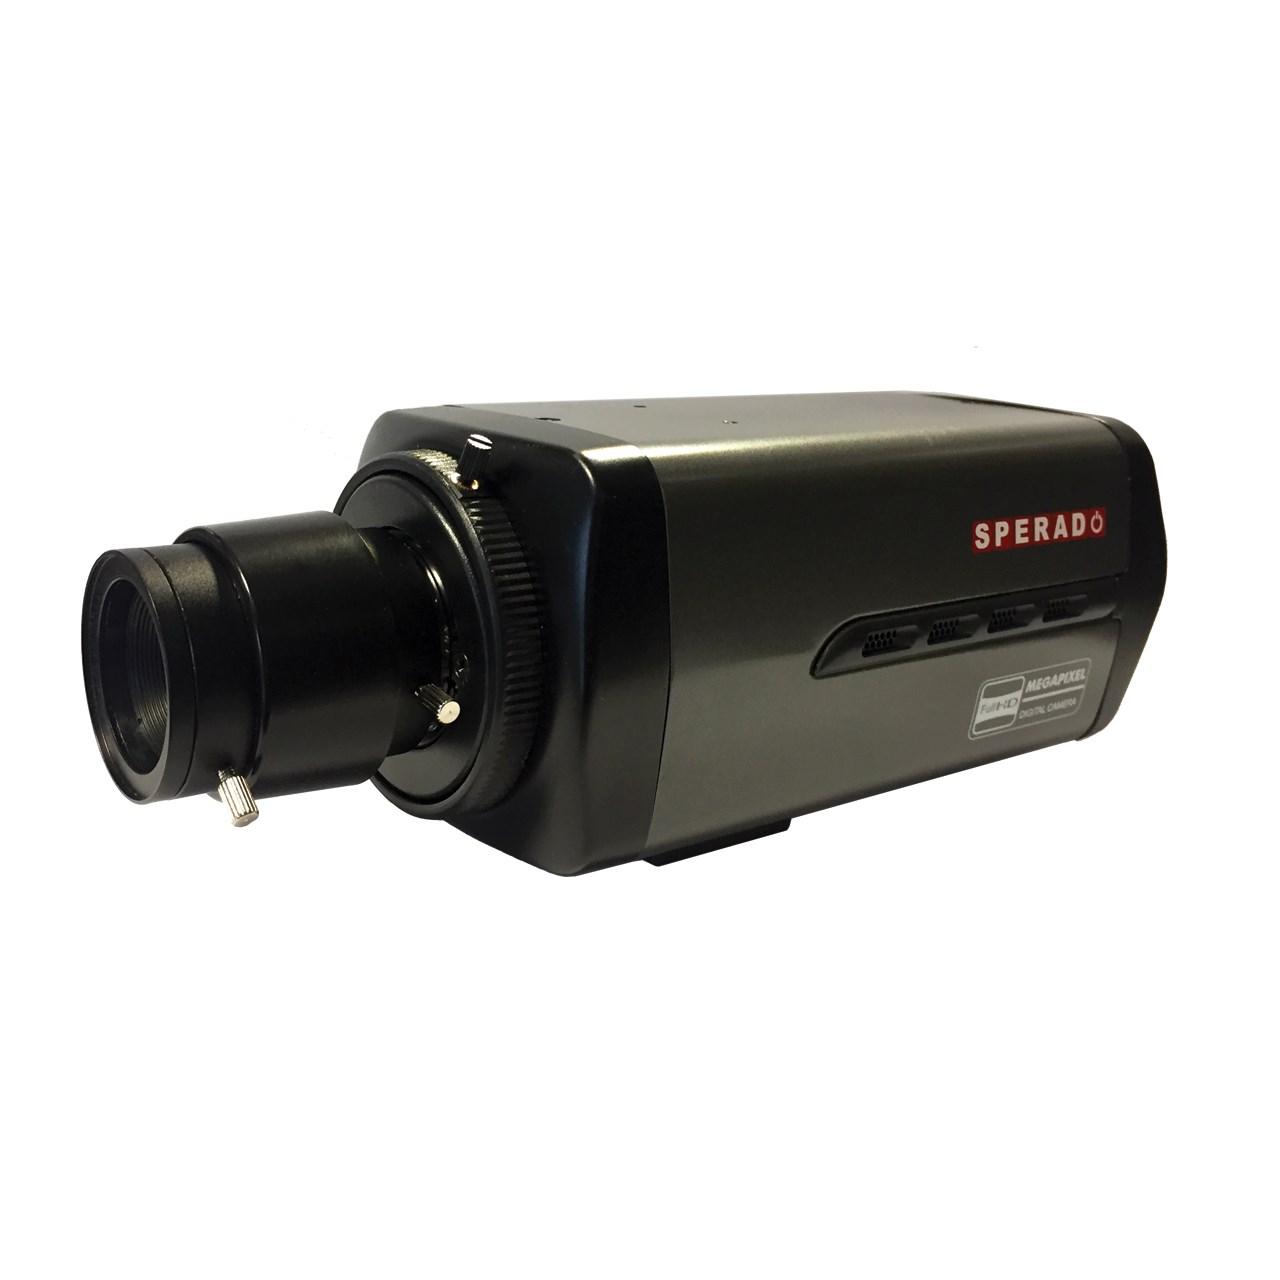 دوربین آنالوگ  اسپرادو مدل SNB-1322